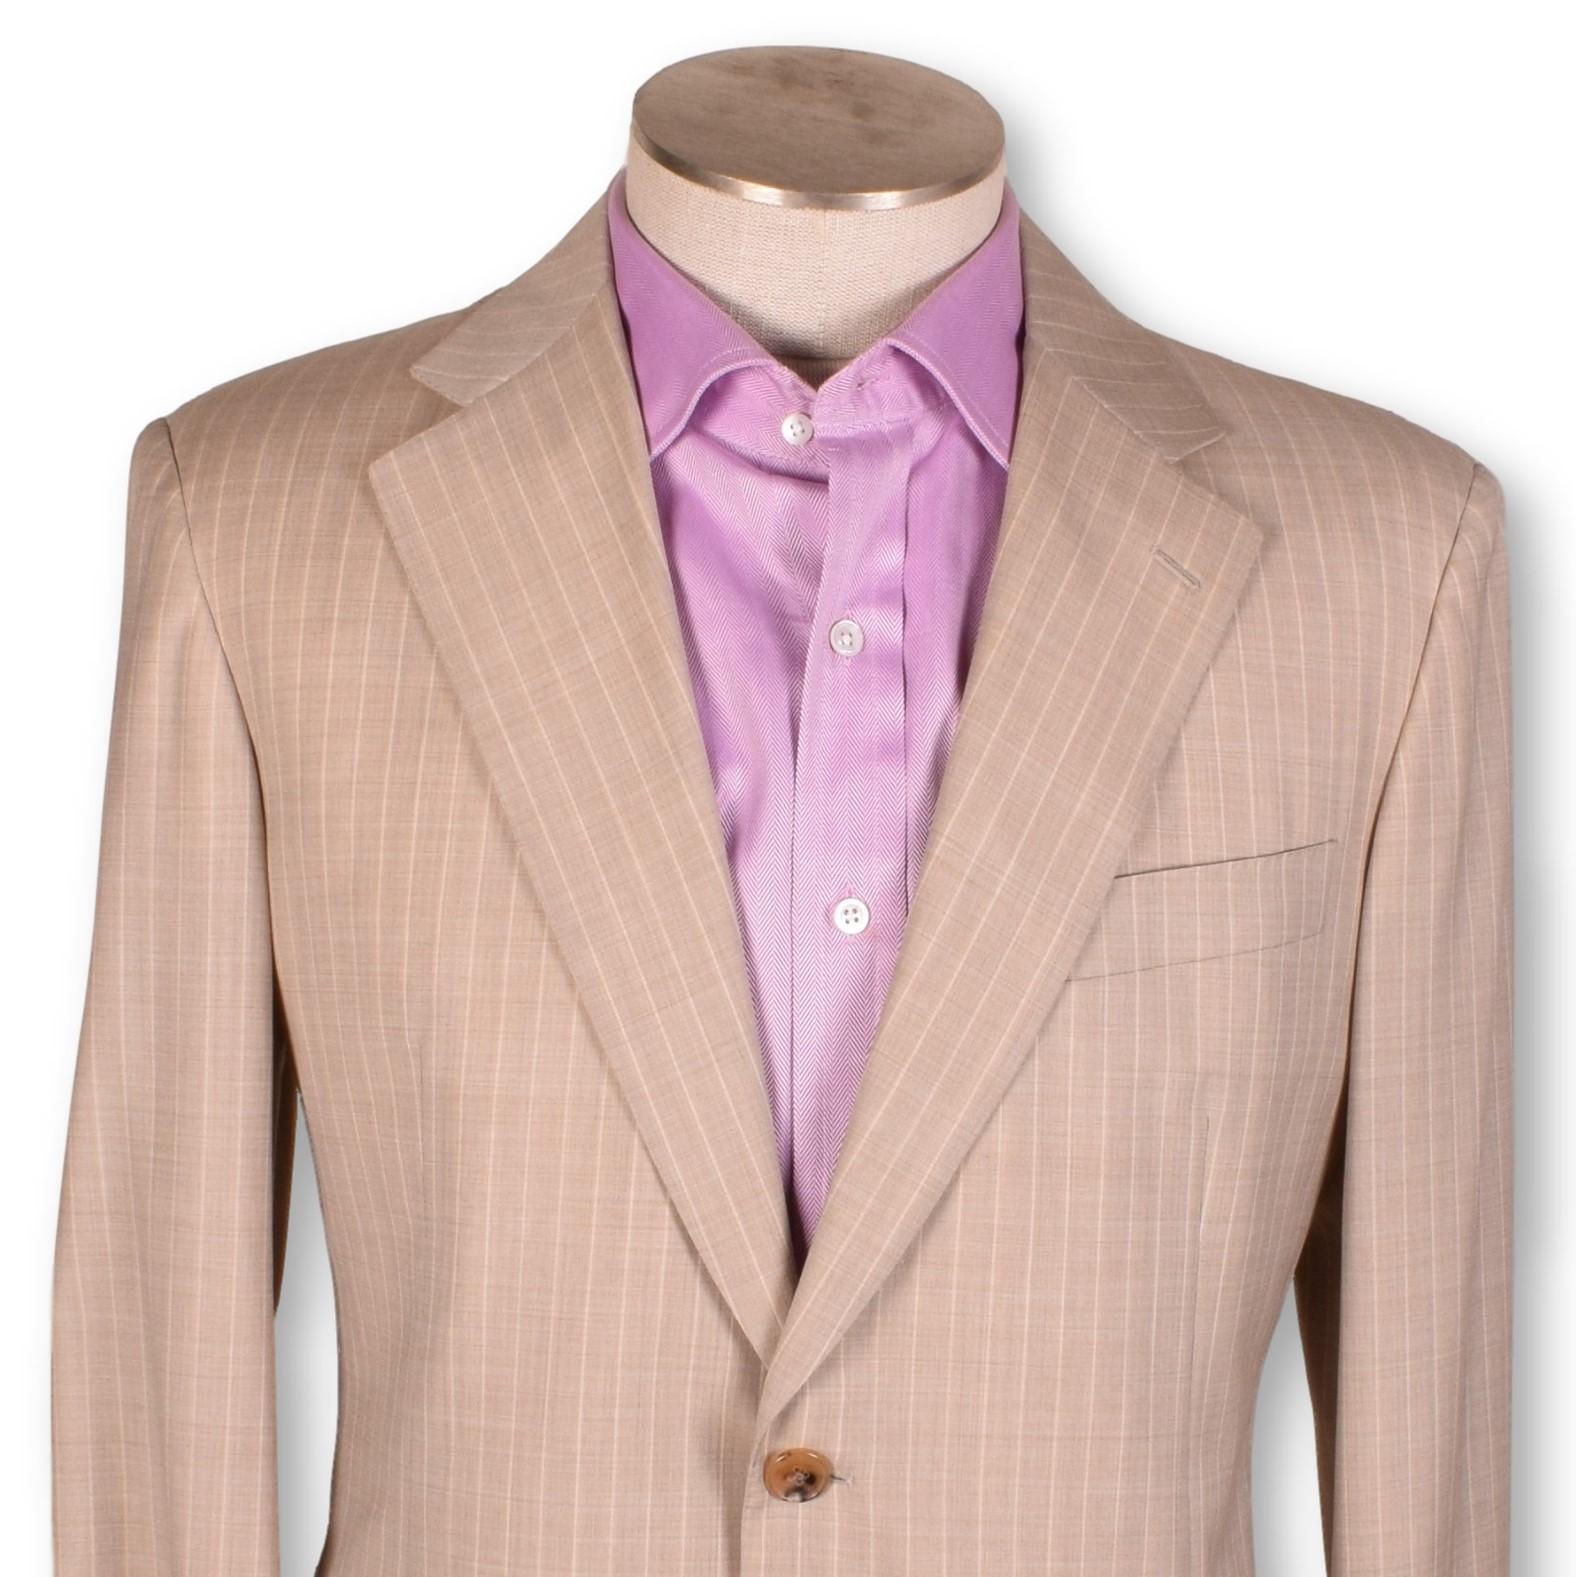 NWT Belvest Tan Cotton Center Vent Two Button Peak Lapel Sportcoat 40 40R